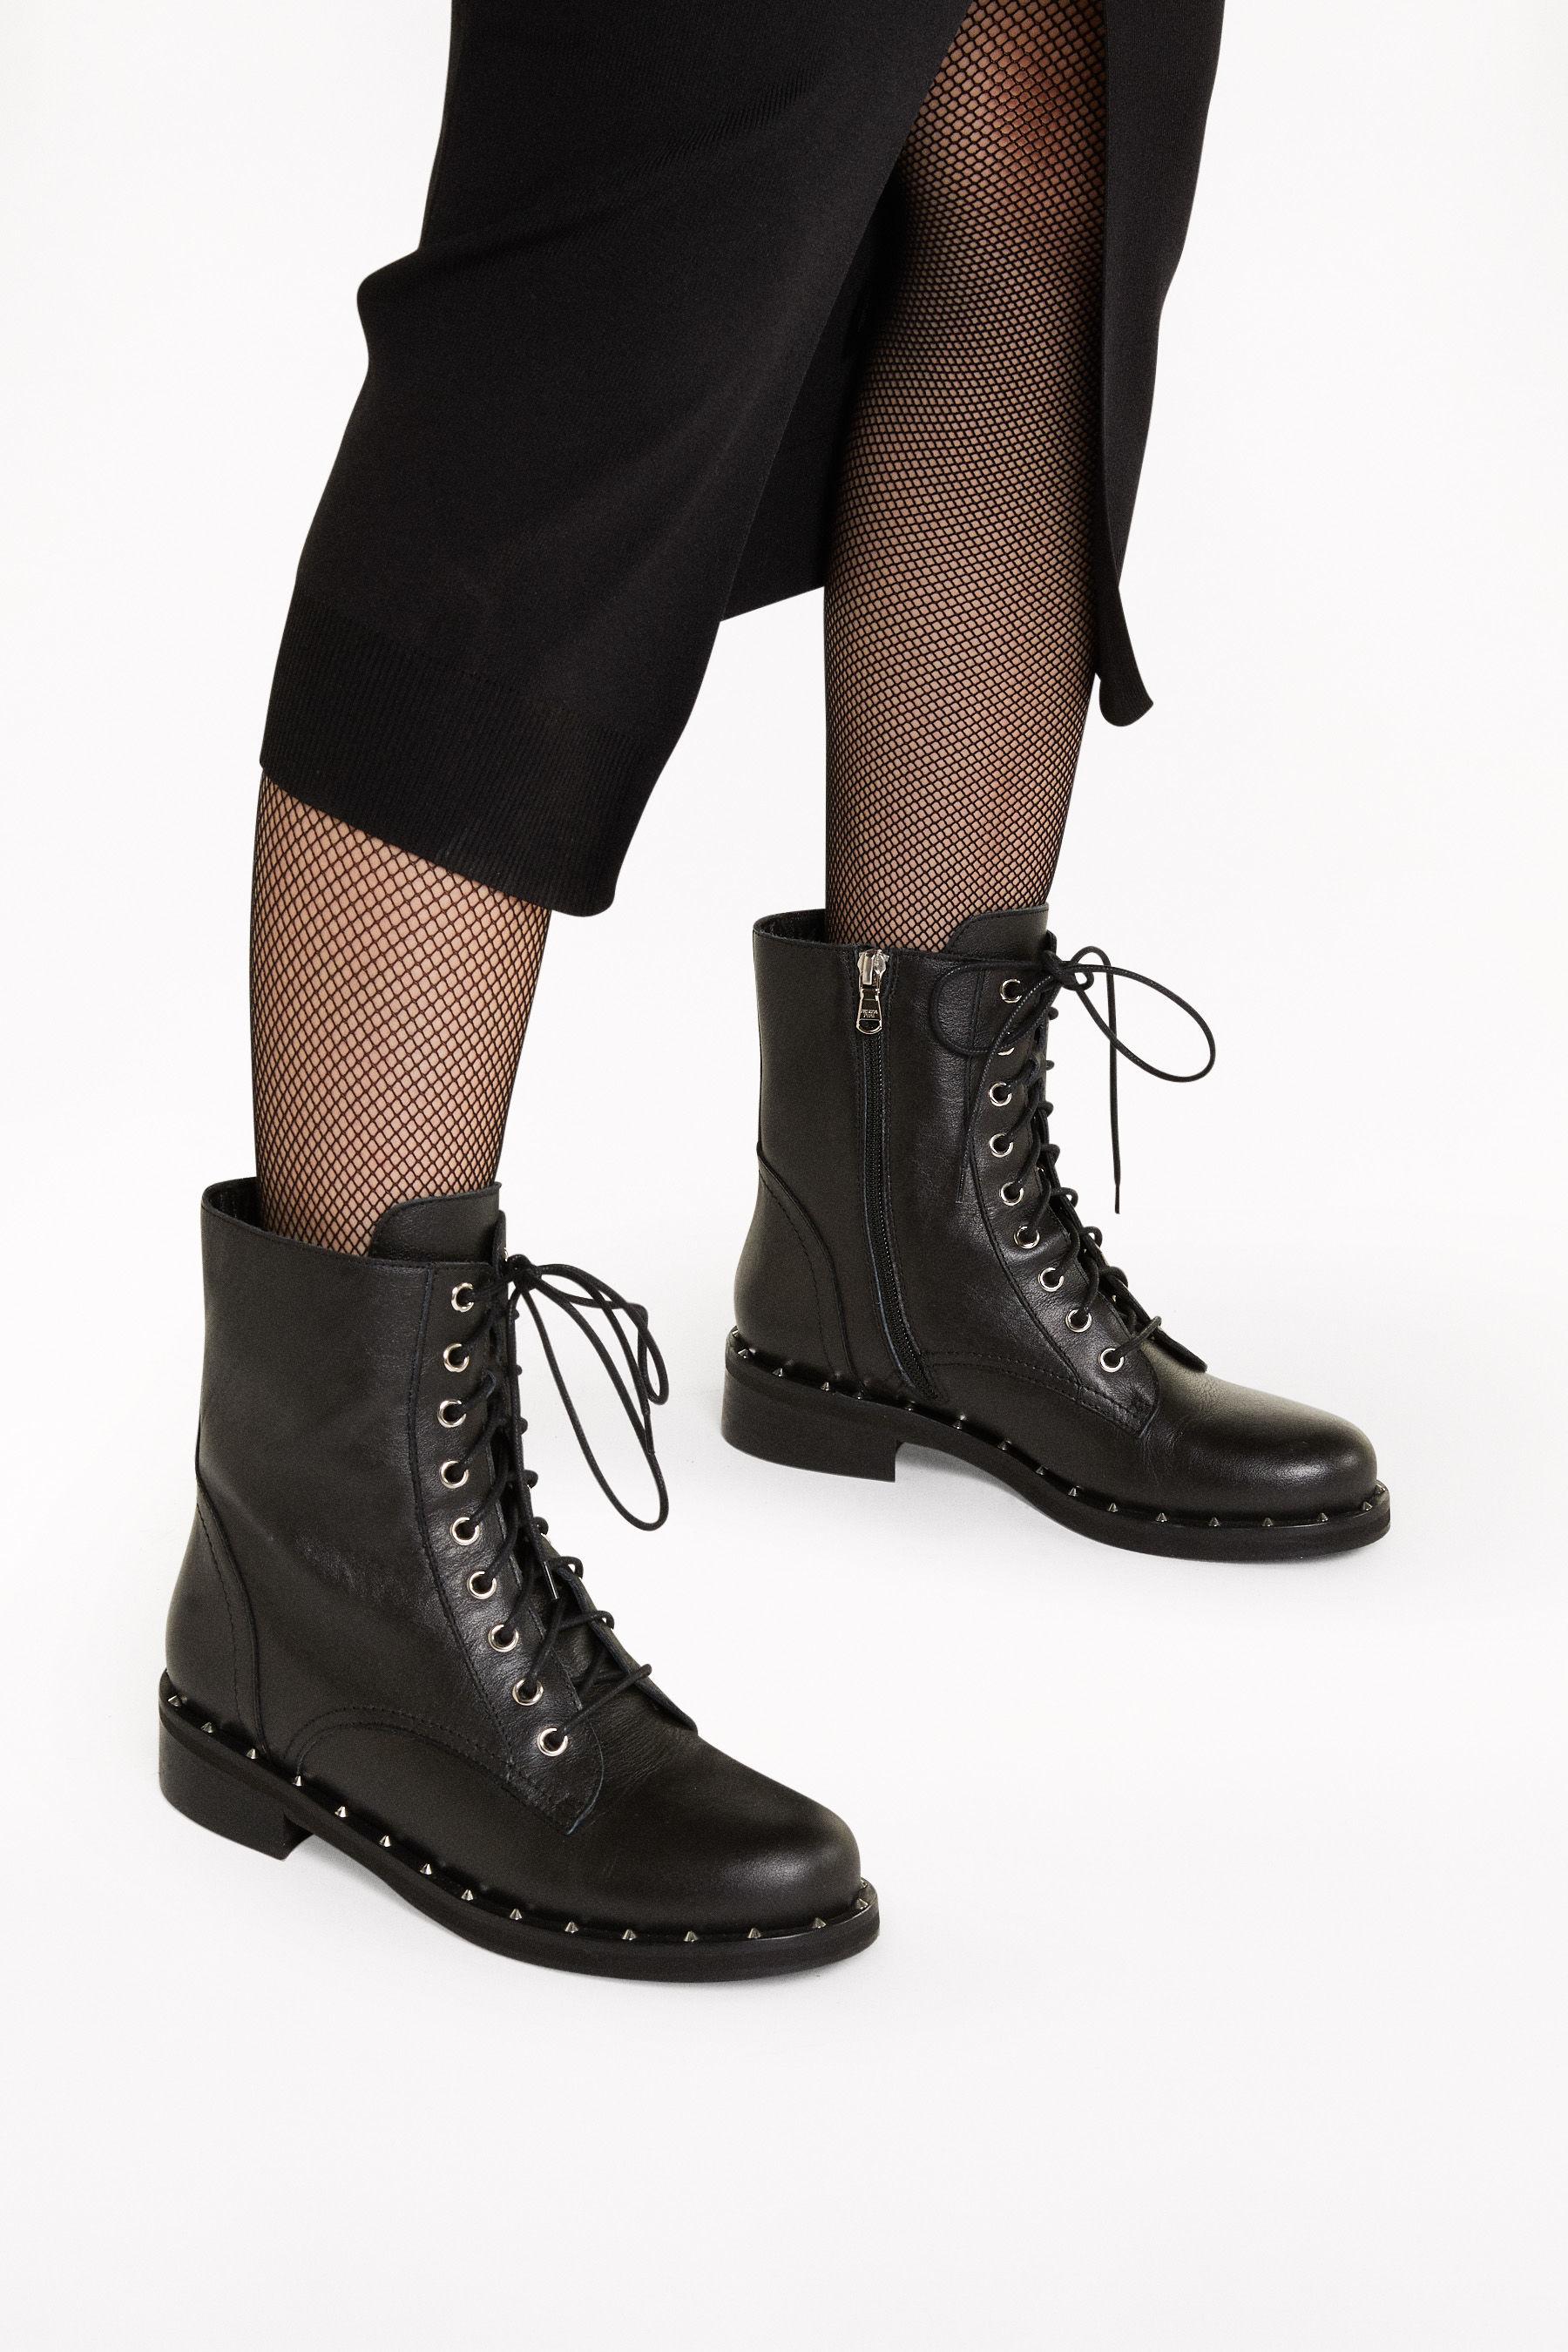 lace up black biker boots